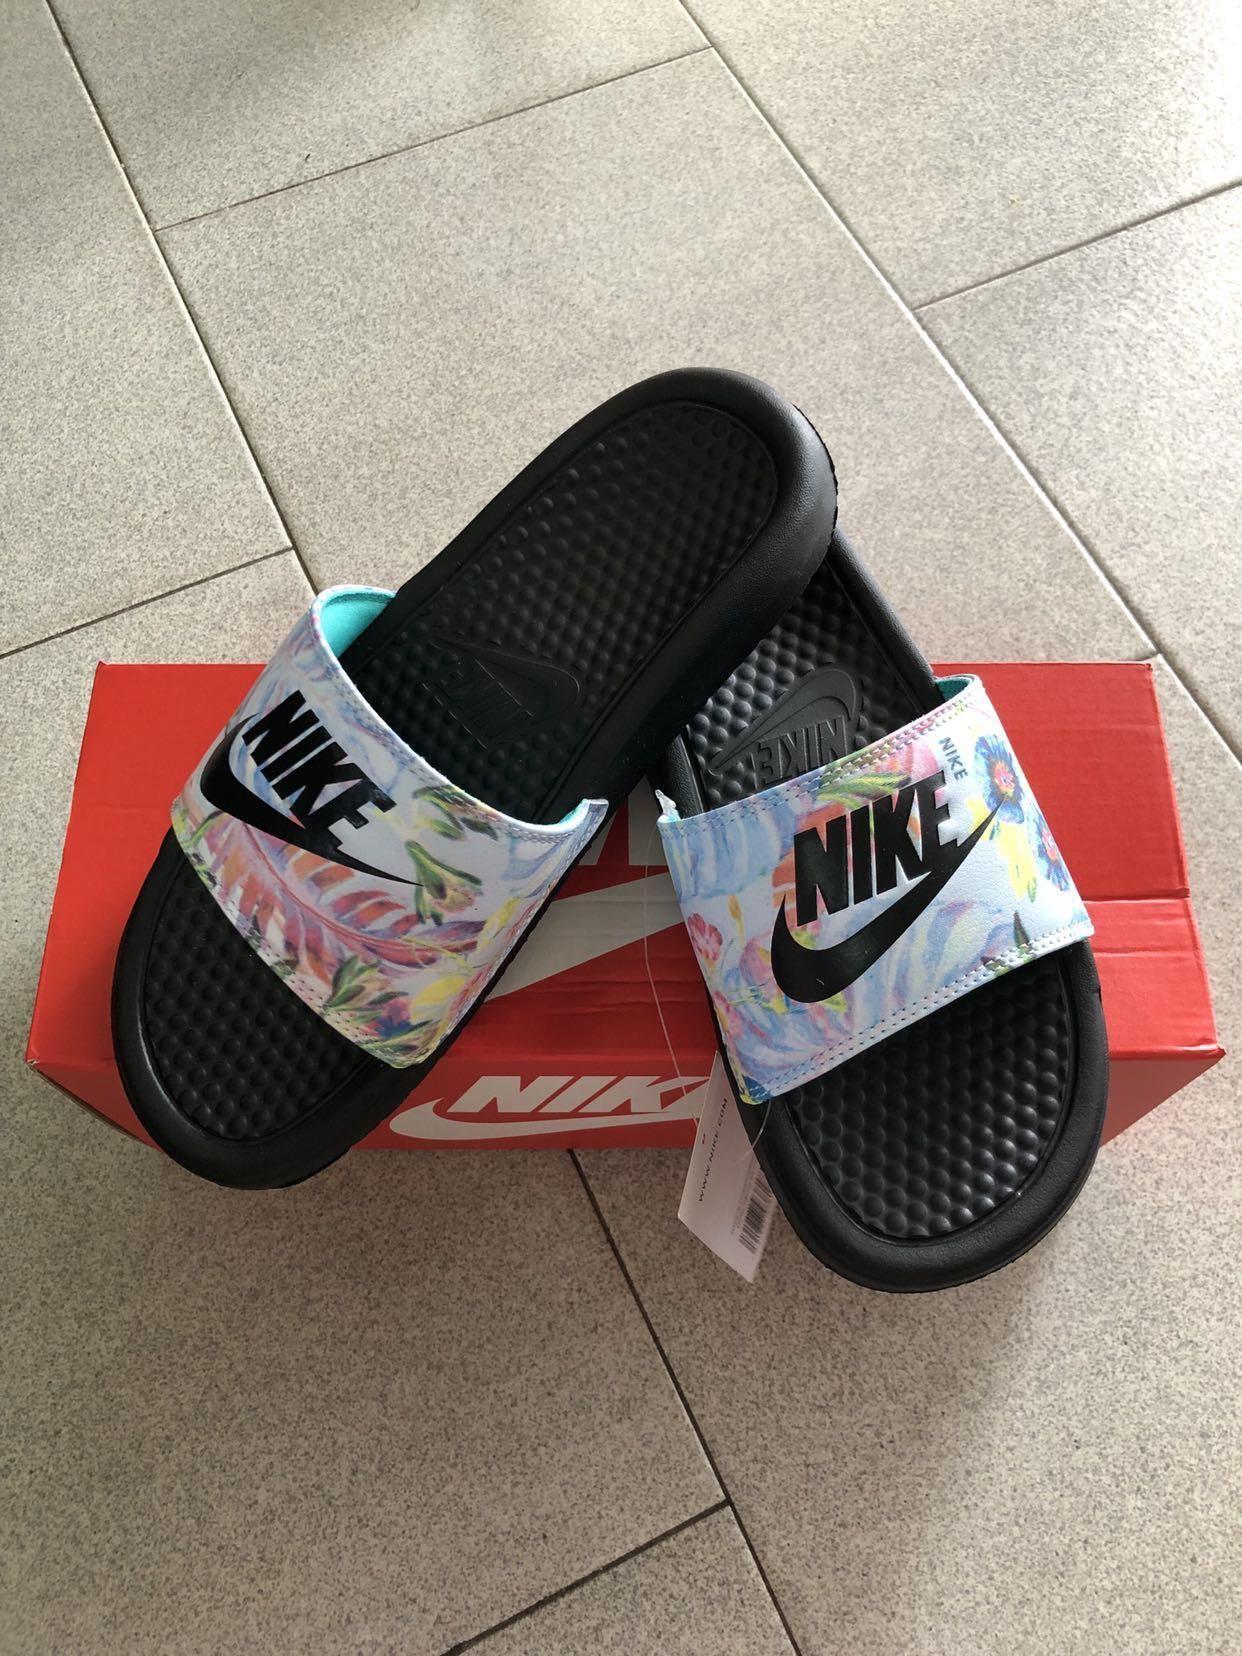 Nike Floral Slides, Women's Fashion